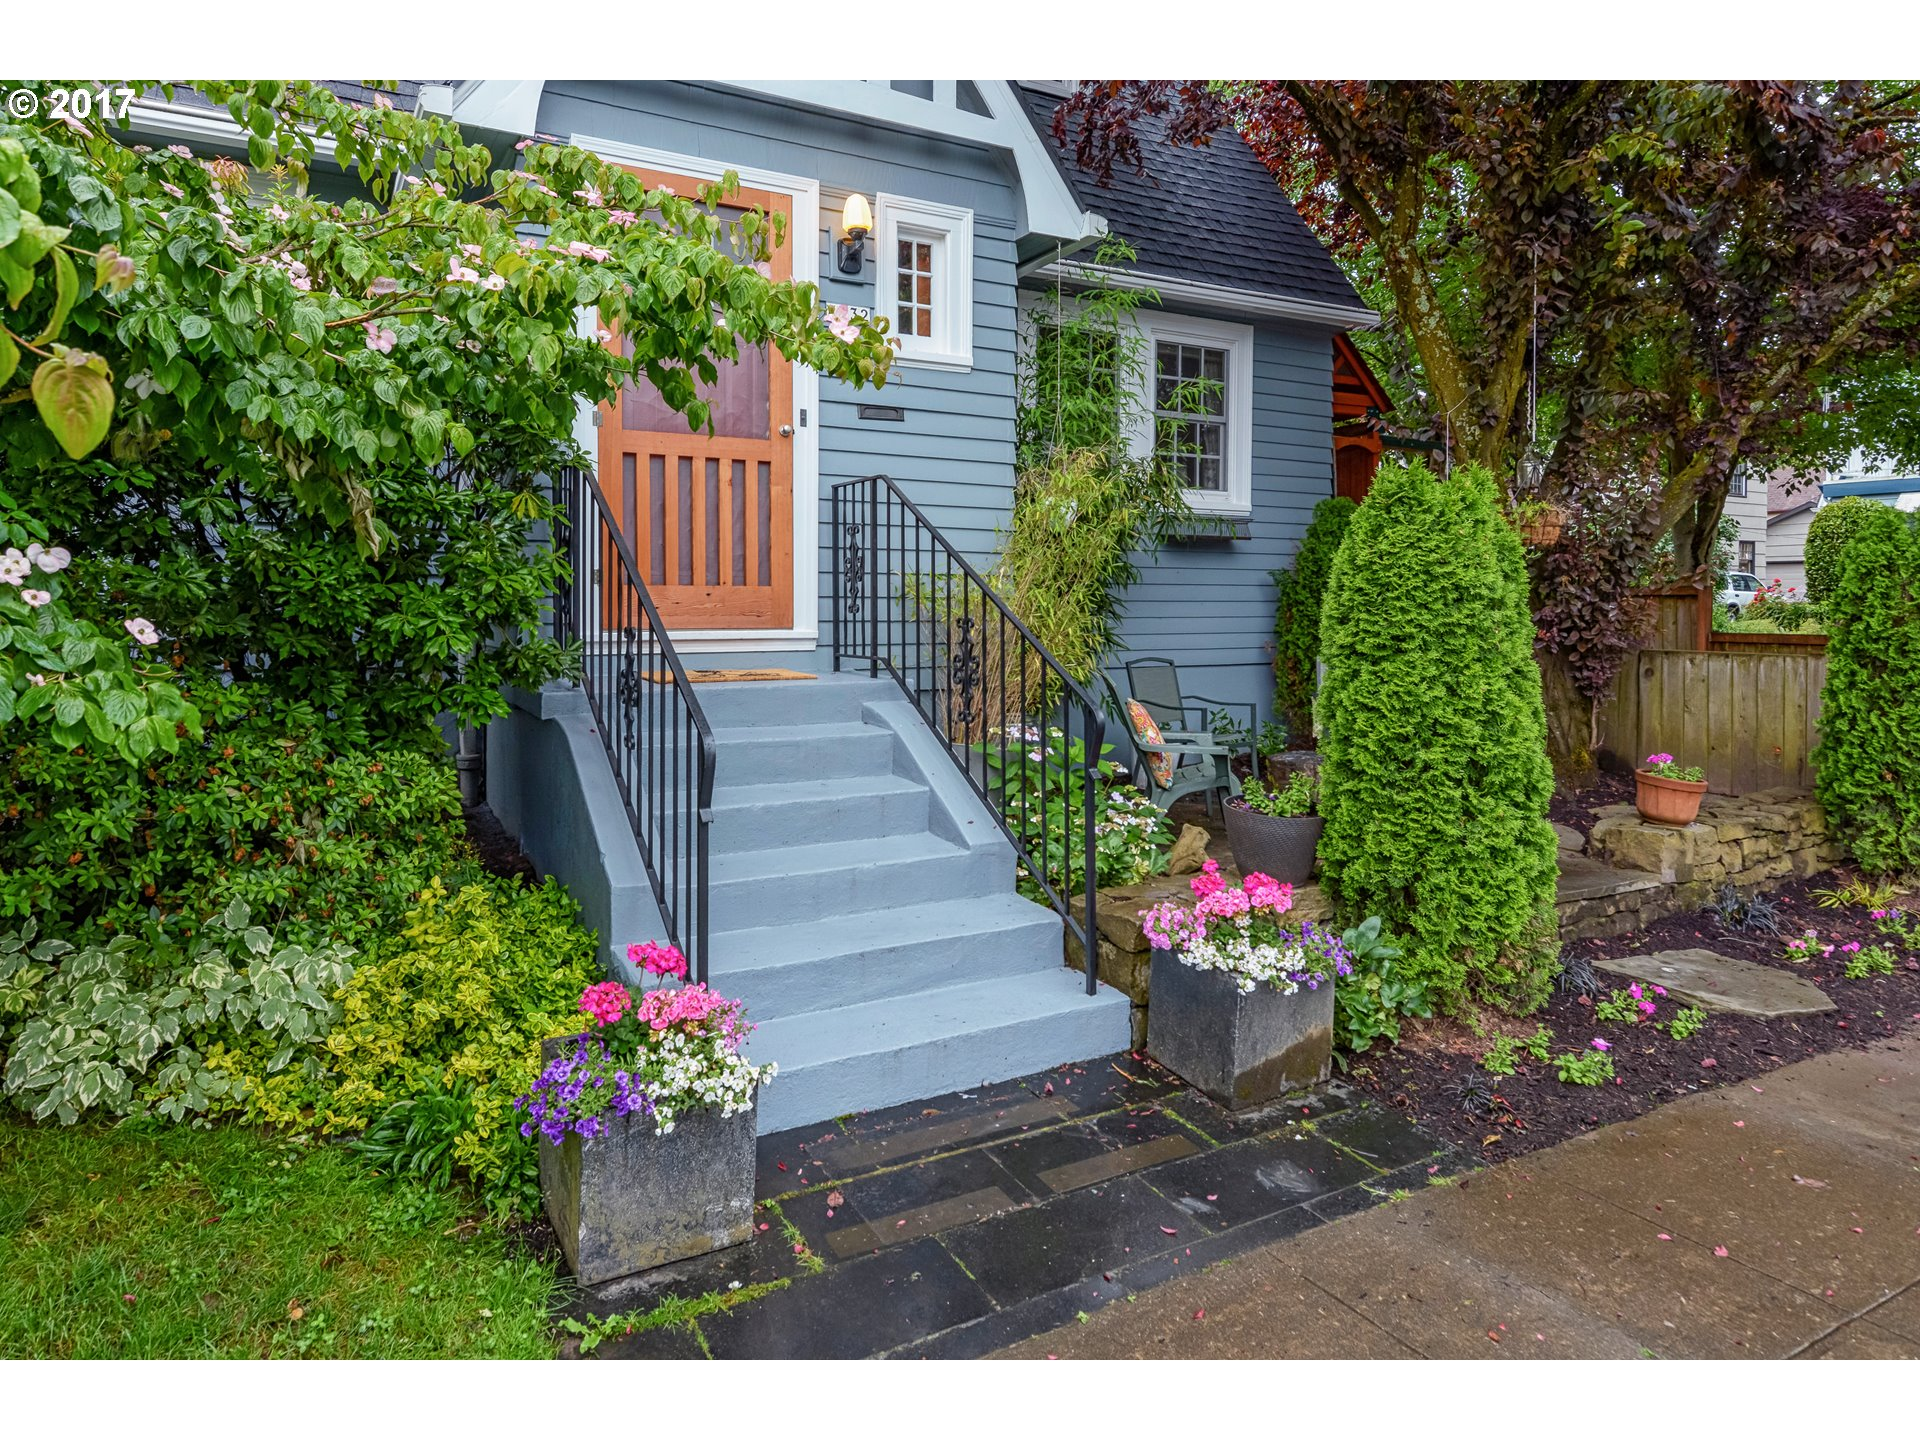 3232 NE BRAZEE ST Portland, OR 97212 - MLS #: 17672874